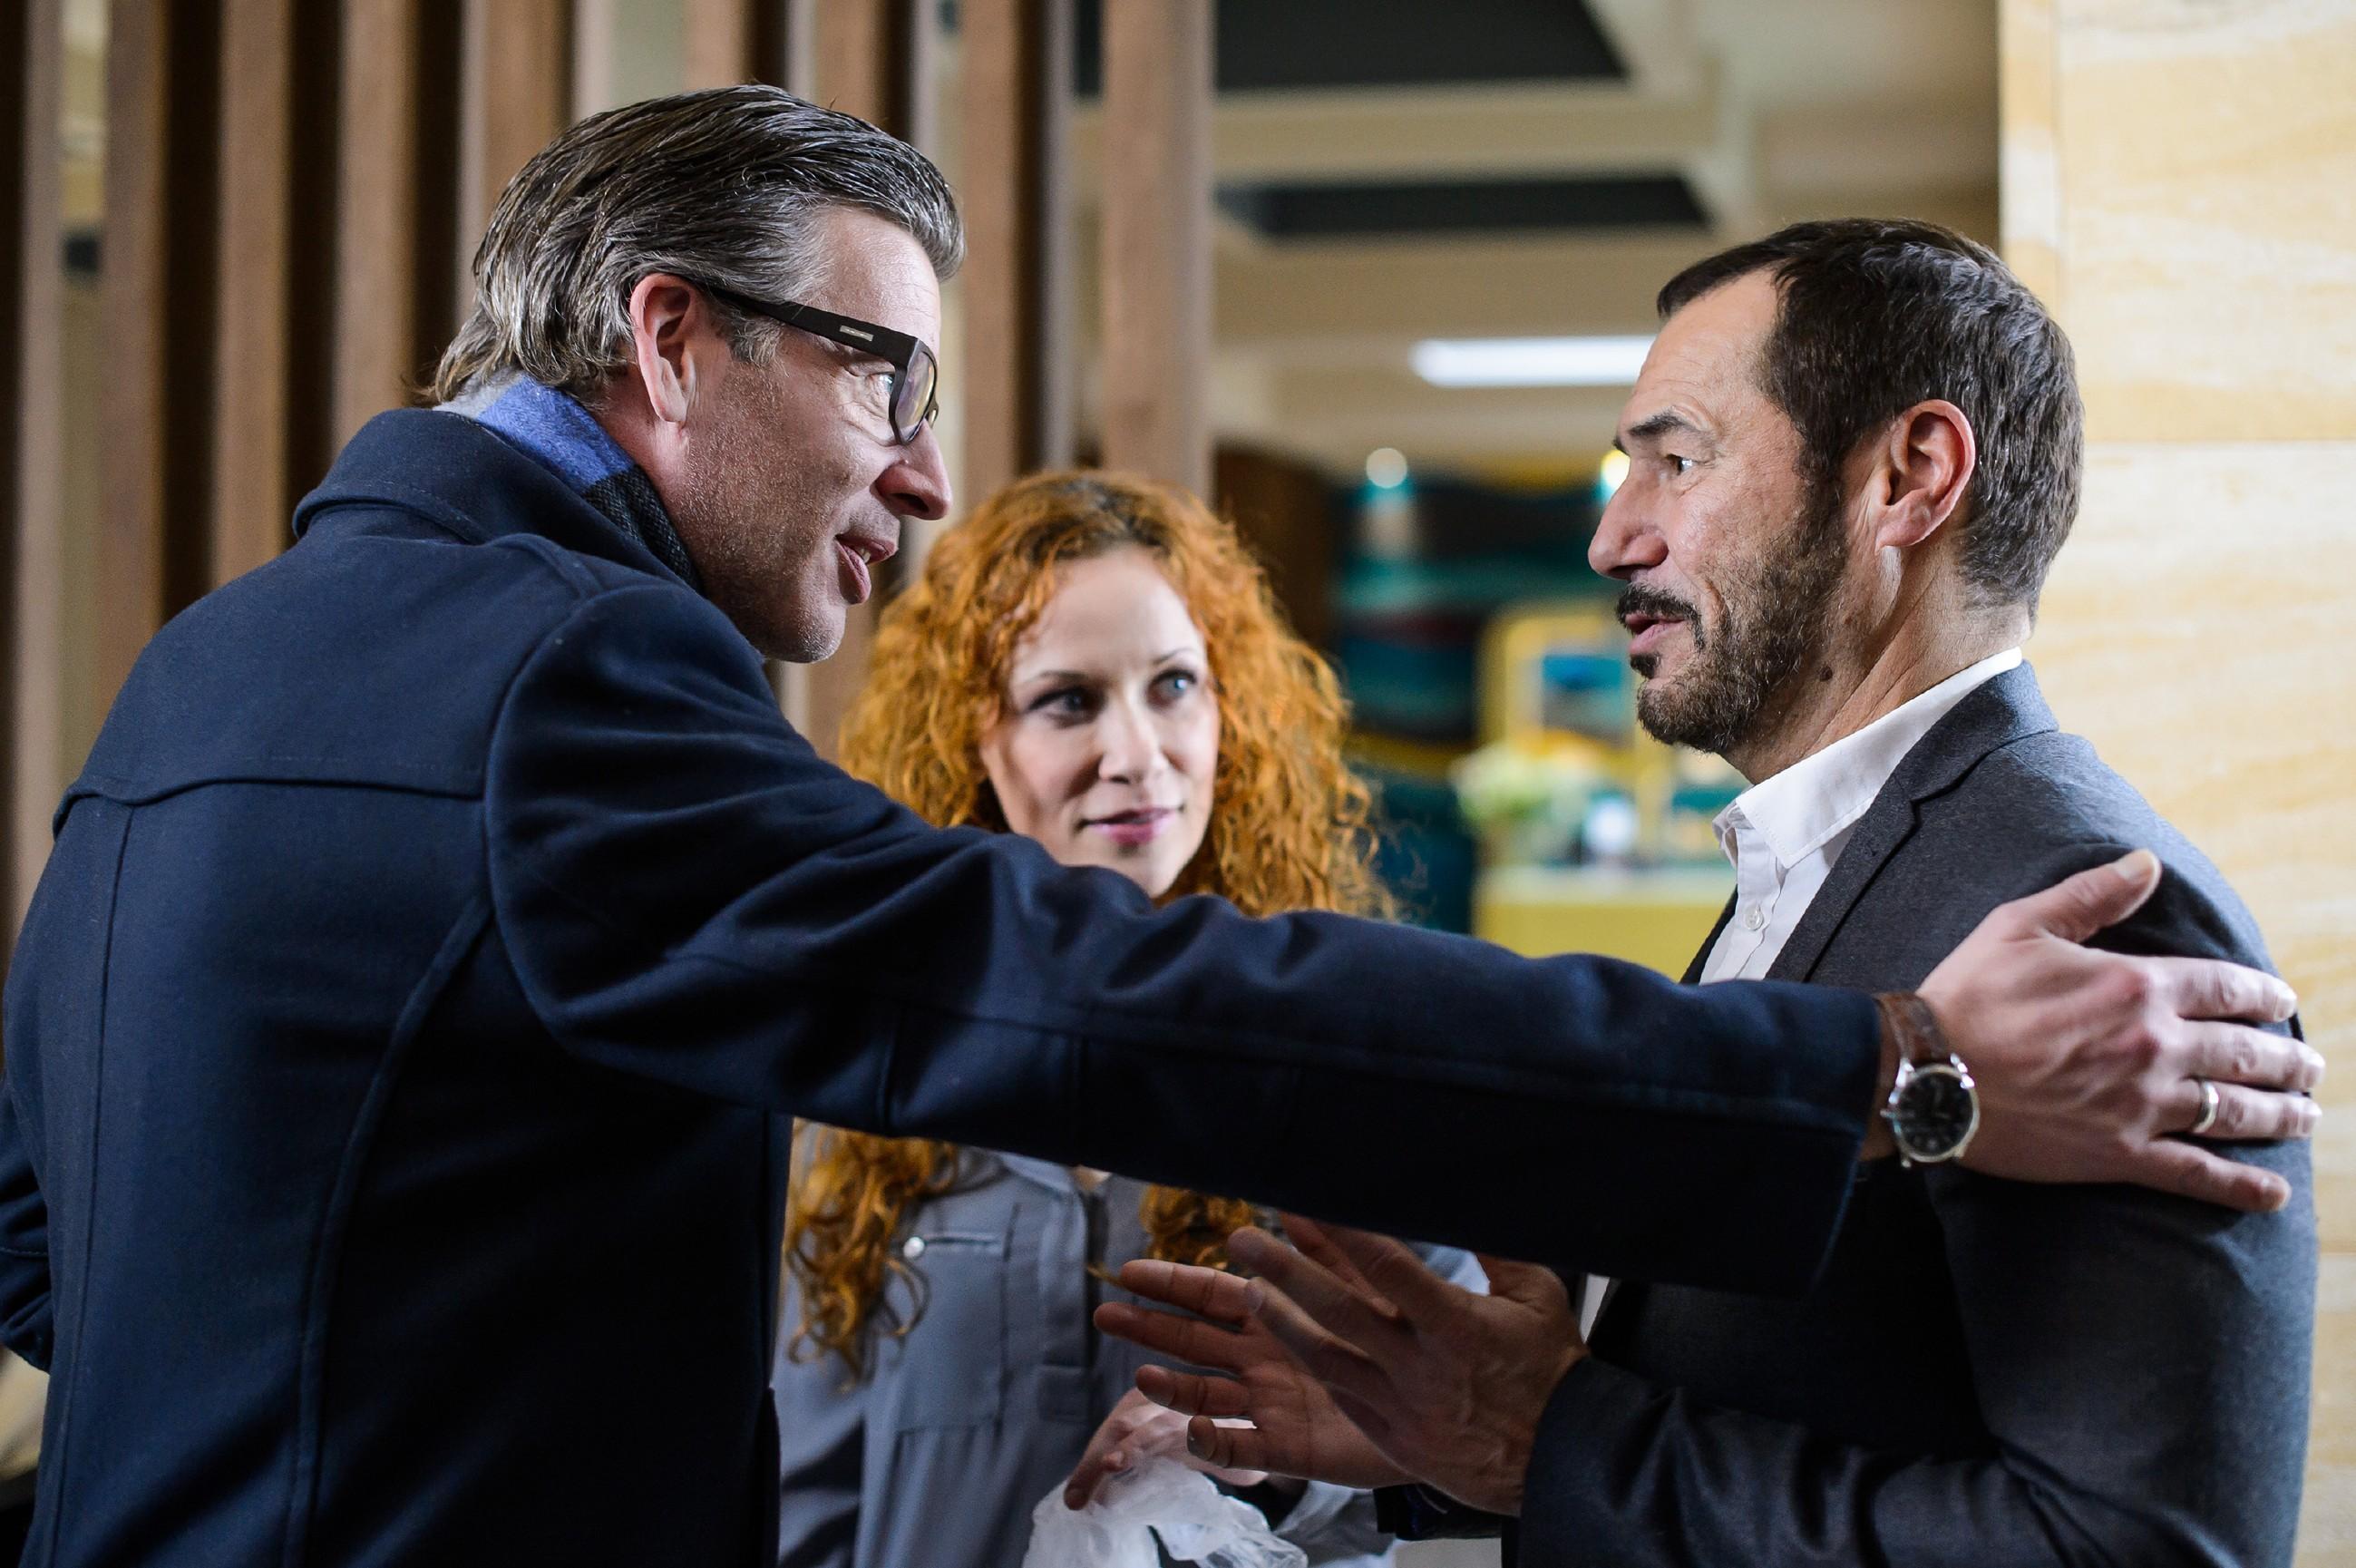 Richard (Silvan-Pierre Leirich, r.) hofft, bei der Aussprache mit Simone verlorenes Vertrauen zurückzugewinnen und wird von Christoph (Lars Korten) und Brigitte (Madlen Kaniuth) bestärkt. (Quelle: RTL / Willi Weber)